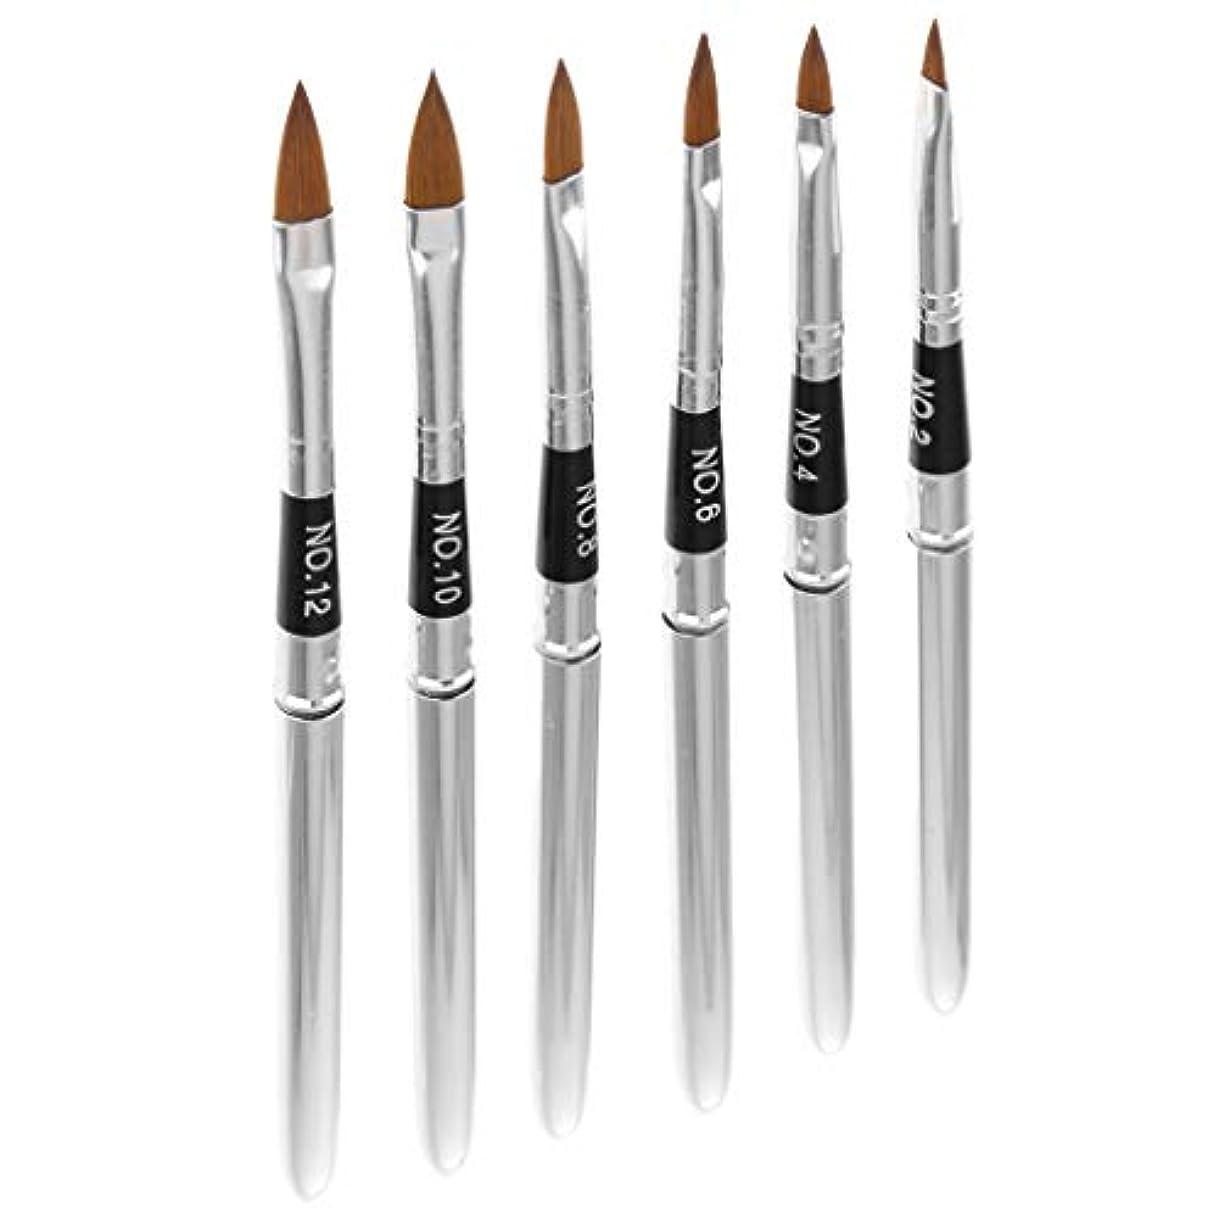 頼む知っているに立ち寄る勇気のあるDYNWAVE ネイルアートペン ペンブラシ ネイルブラシ 3D 絵画ペン ネイルデザイン ツール 6個入り